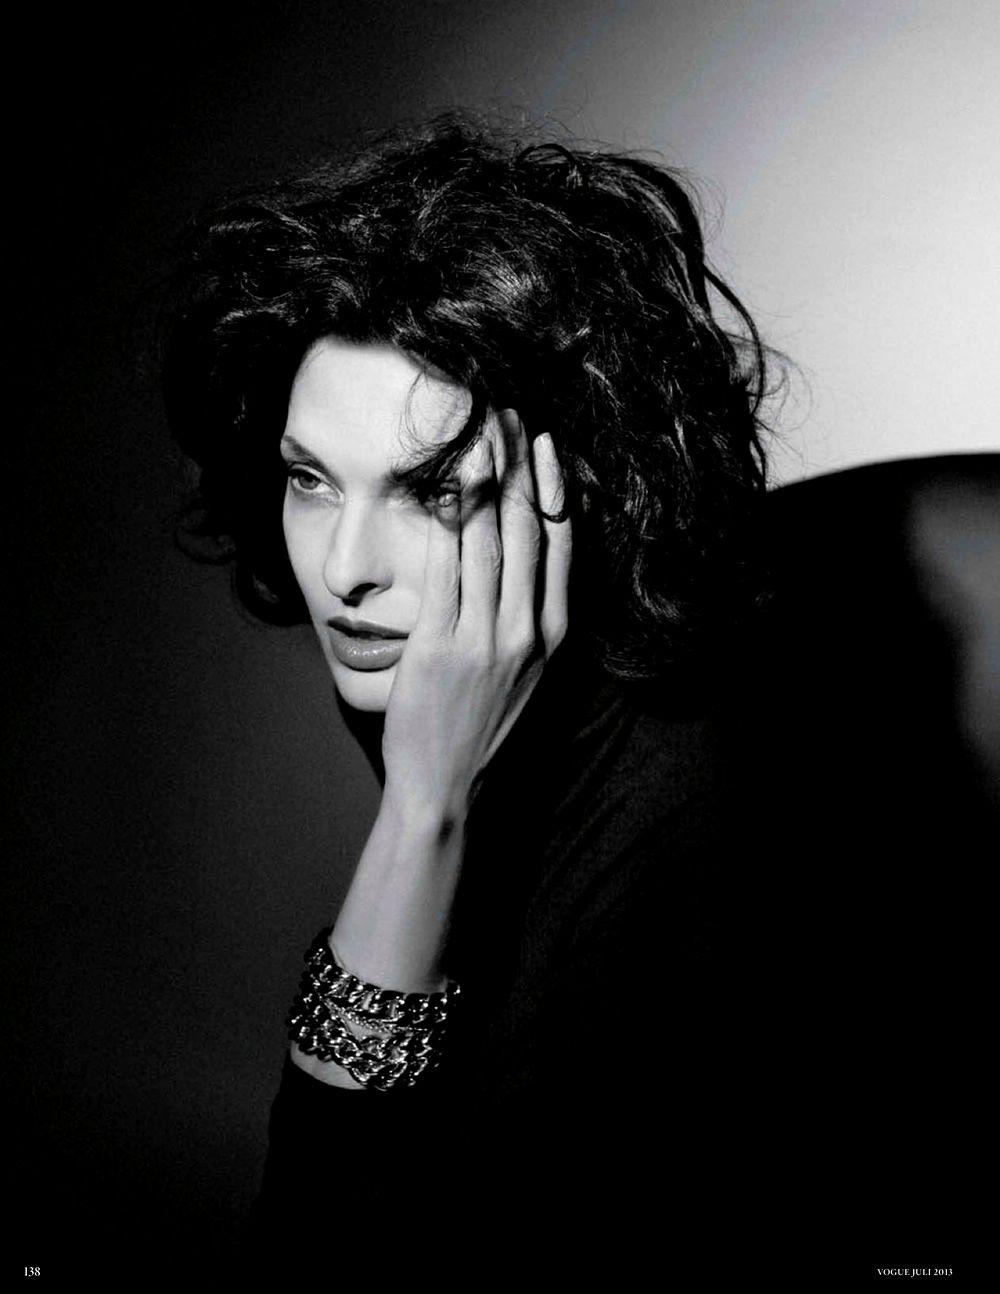 Linda Evangelista by Karl Lagerfeld